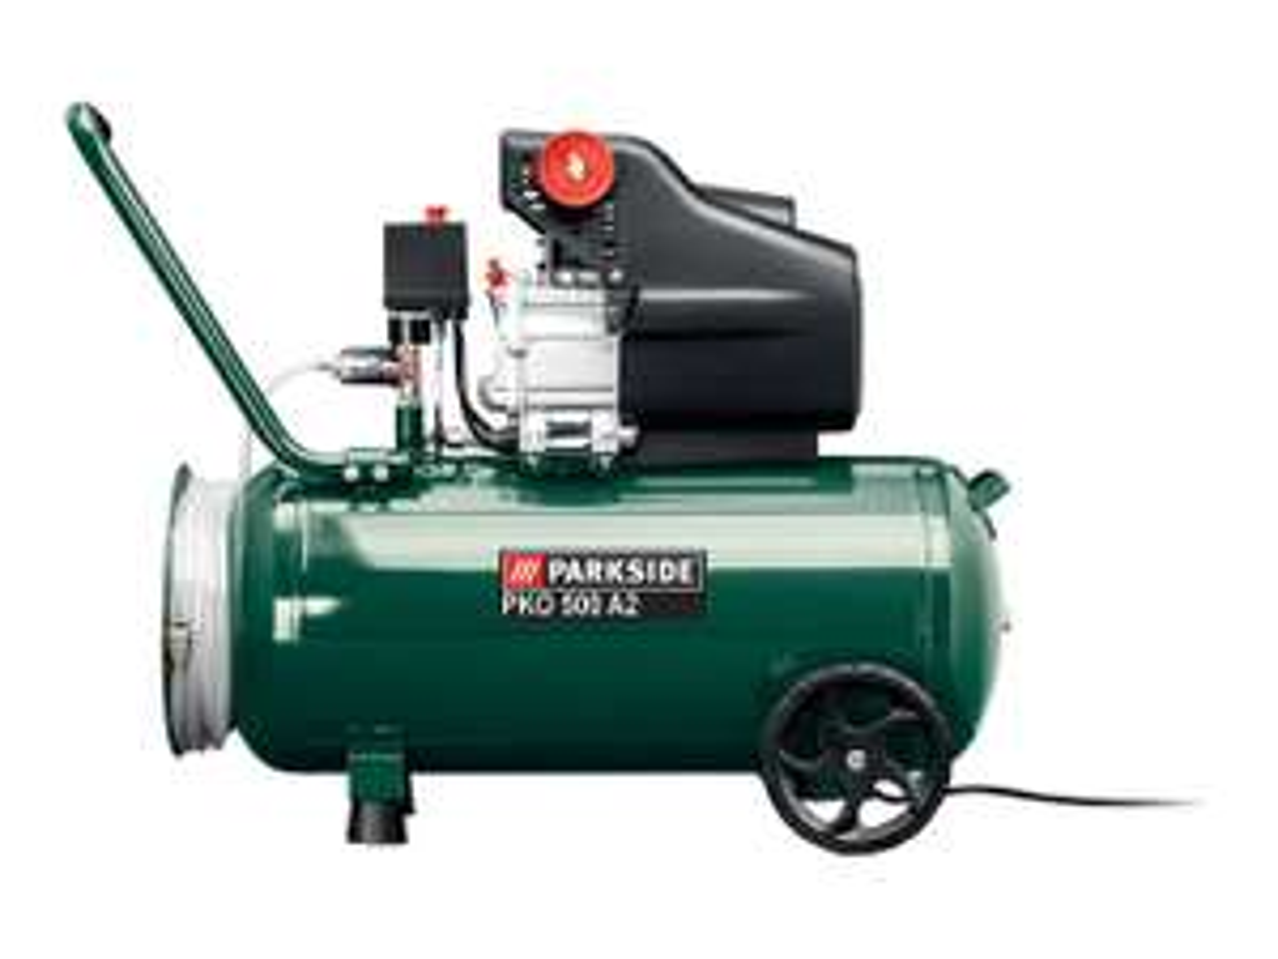 Parkside 50L Compressor £99 @ Lidl